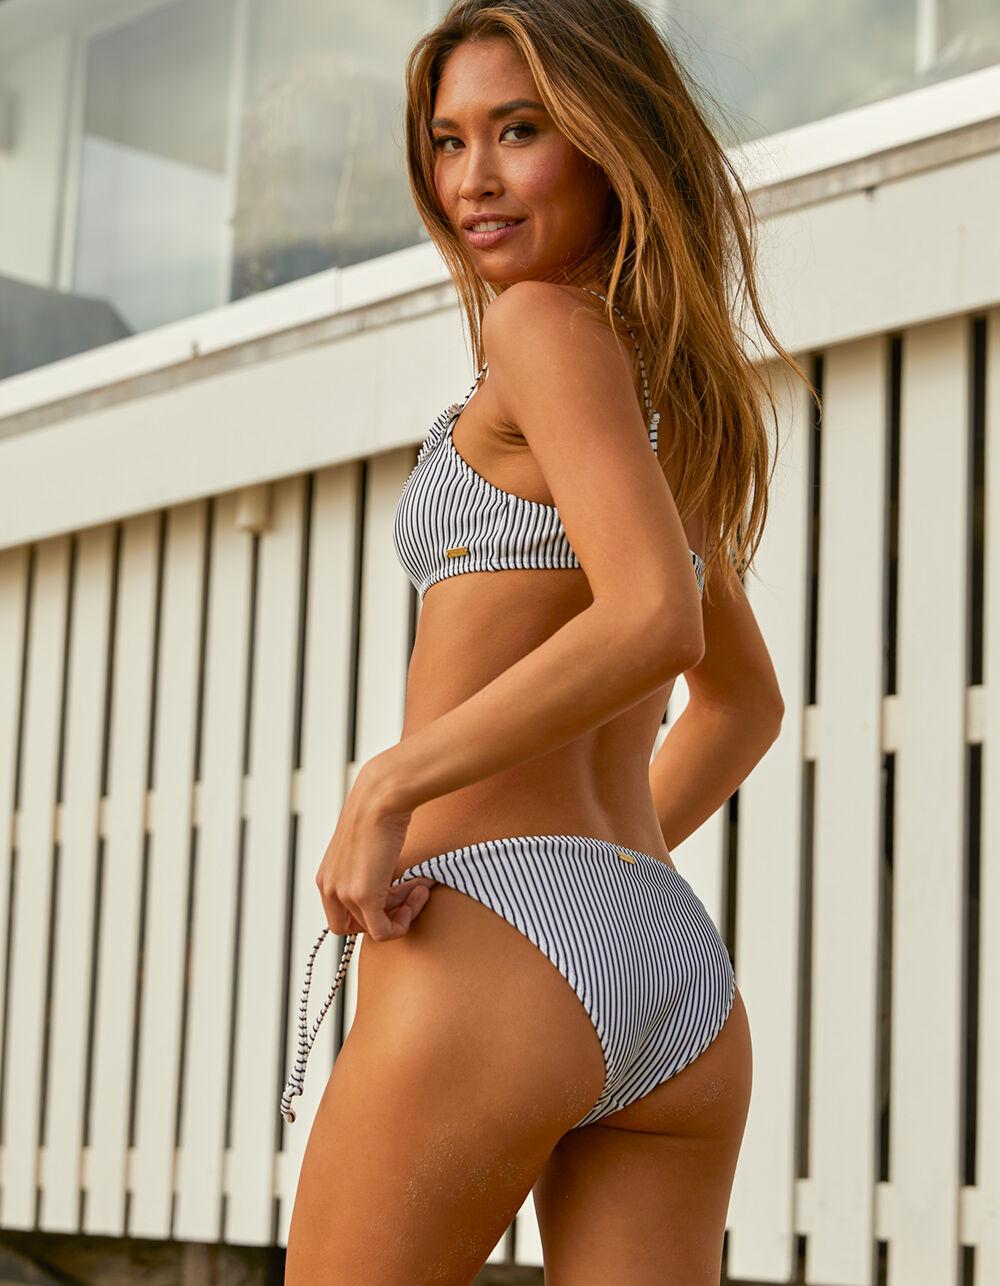 ROXY Bico Mind Of Freedom Tie Side Bikini Bottoms